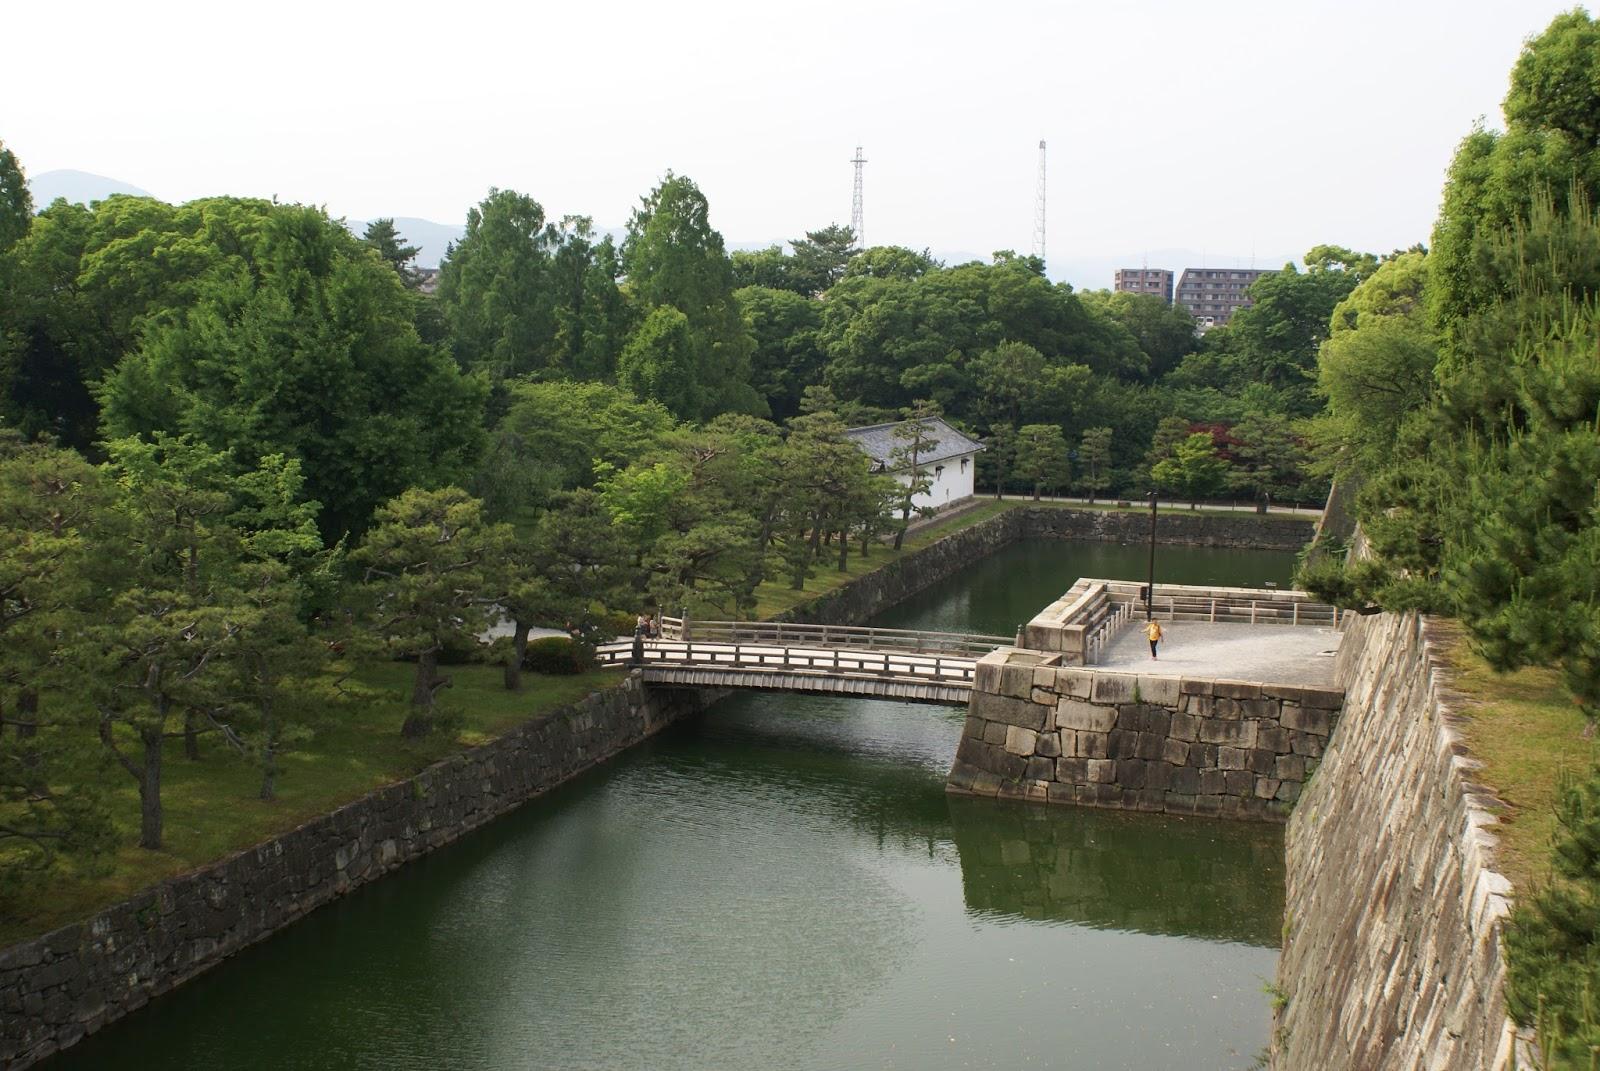 donjon nijo-jo castle kyoto japan asia